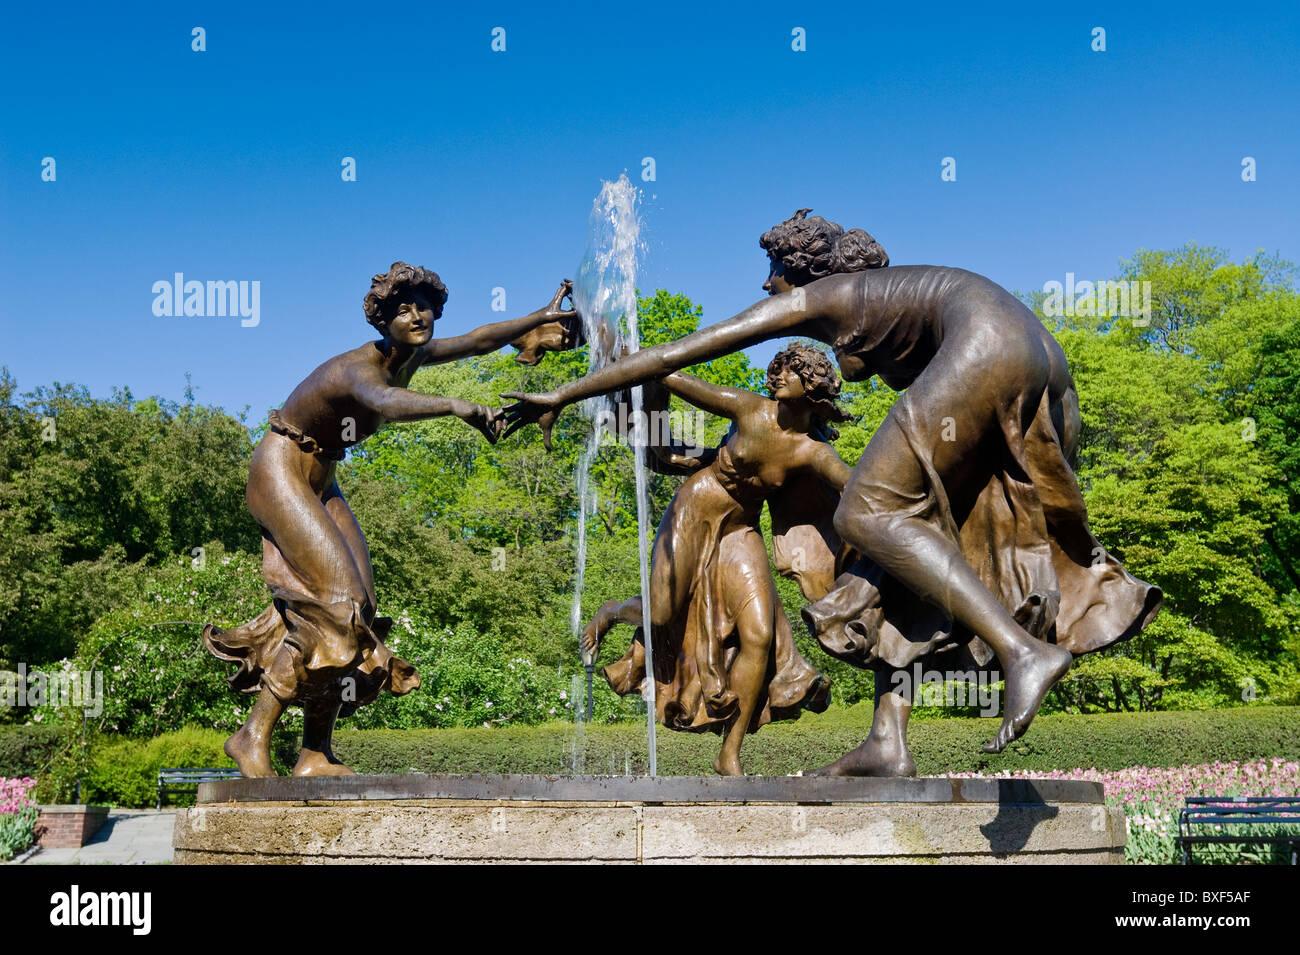 Wintergarten im Central Park in New York City mit der drei tanzende Jungfrauen-Statue von dem Bildhauer Walter Schott. Stockbild